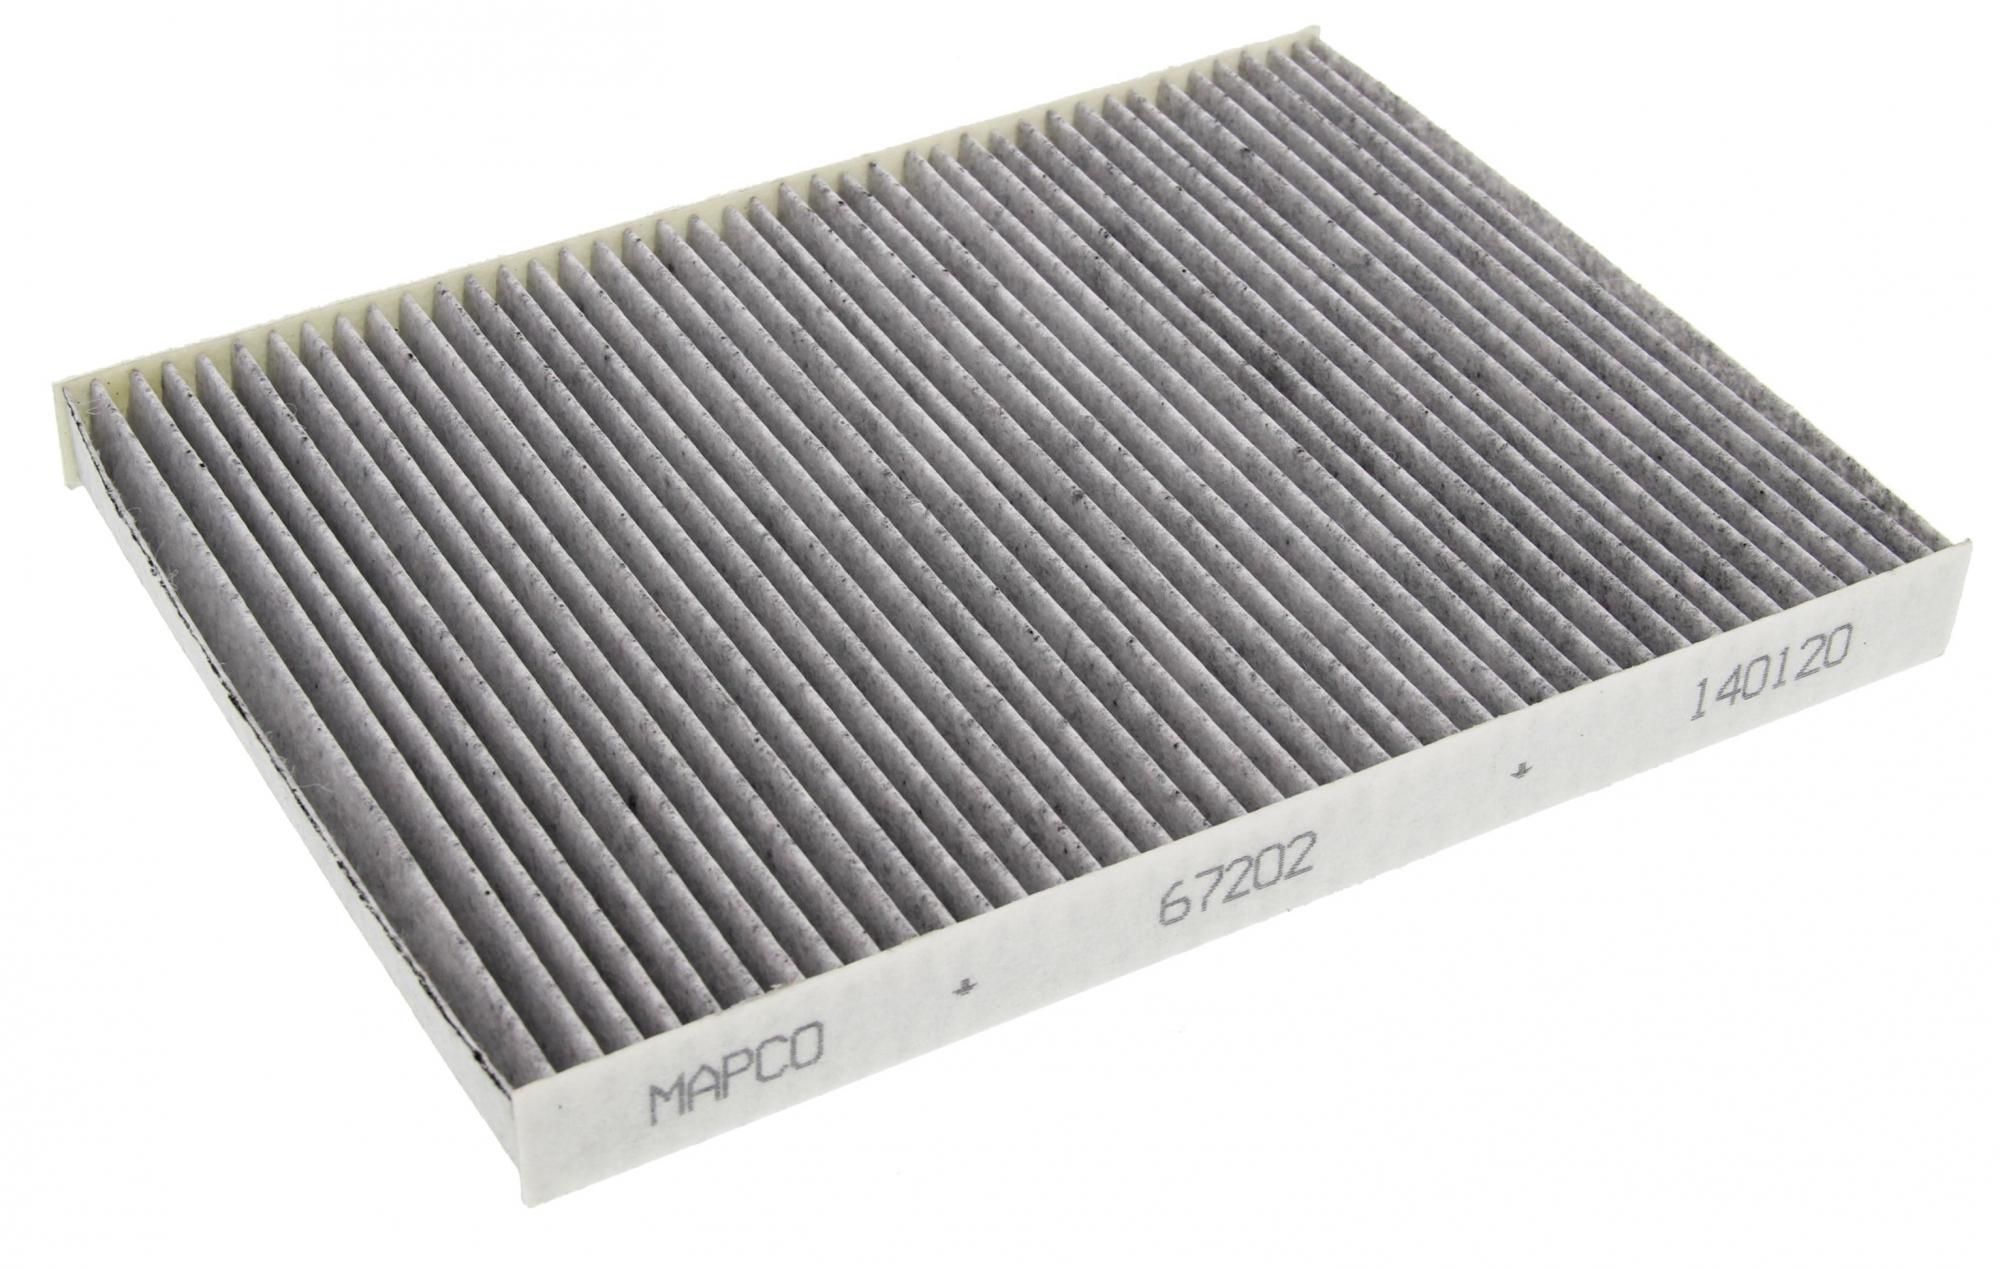 Mapco 67202 filtro aria abitacolo for Filtro aria abitacolo camry